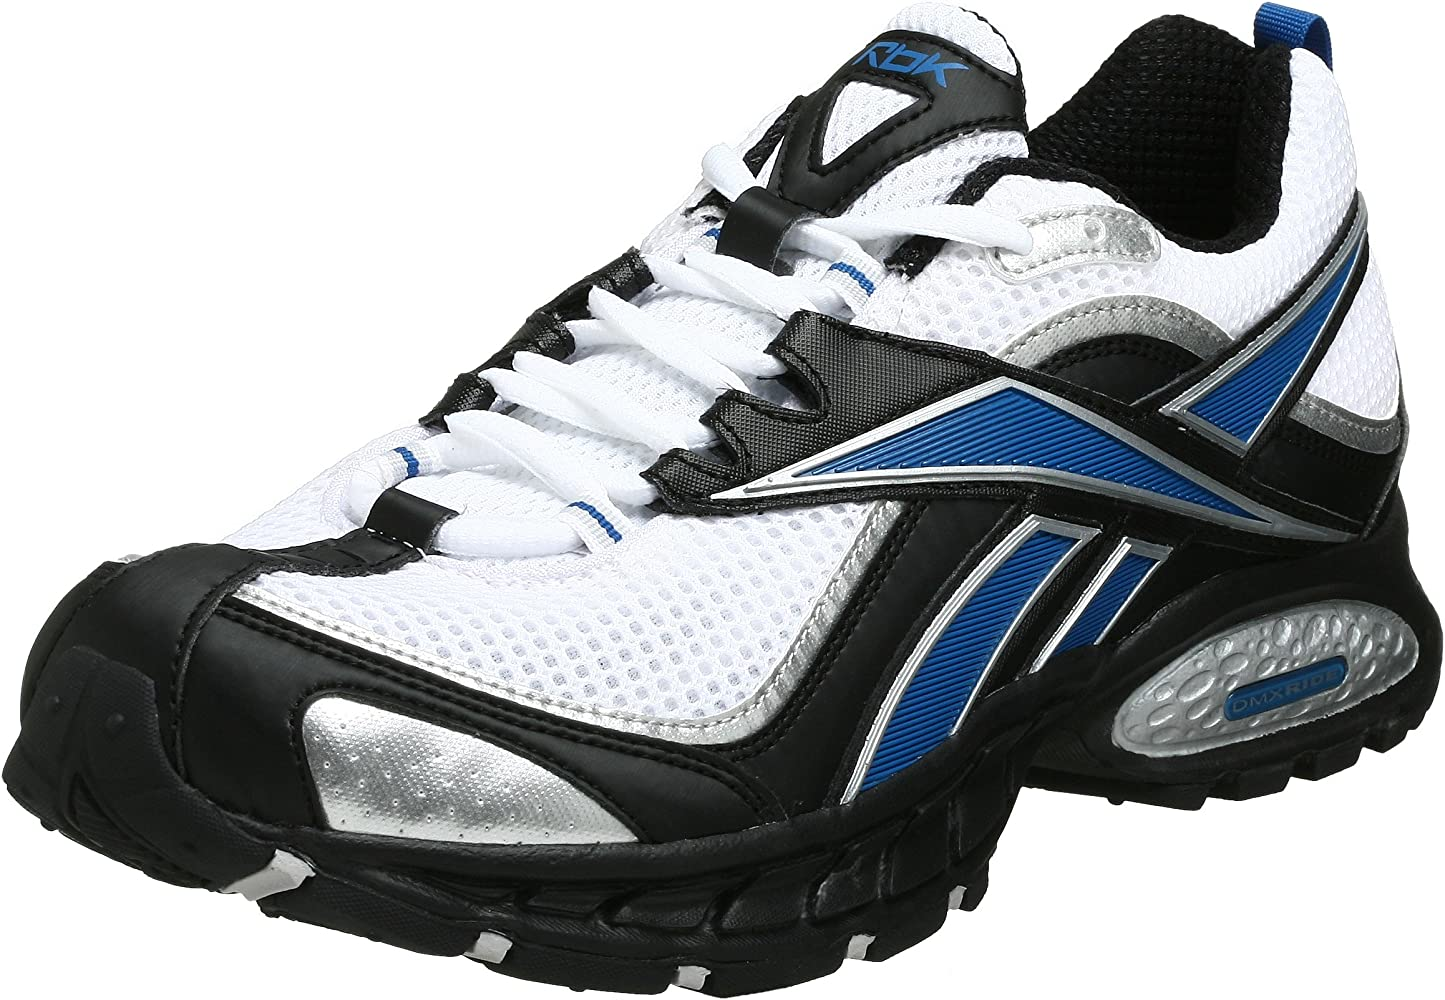 Reebok Men's Heel Side DMX Running Shoe